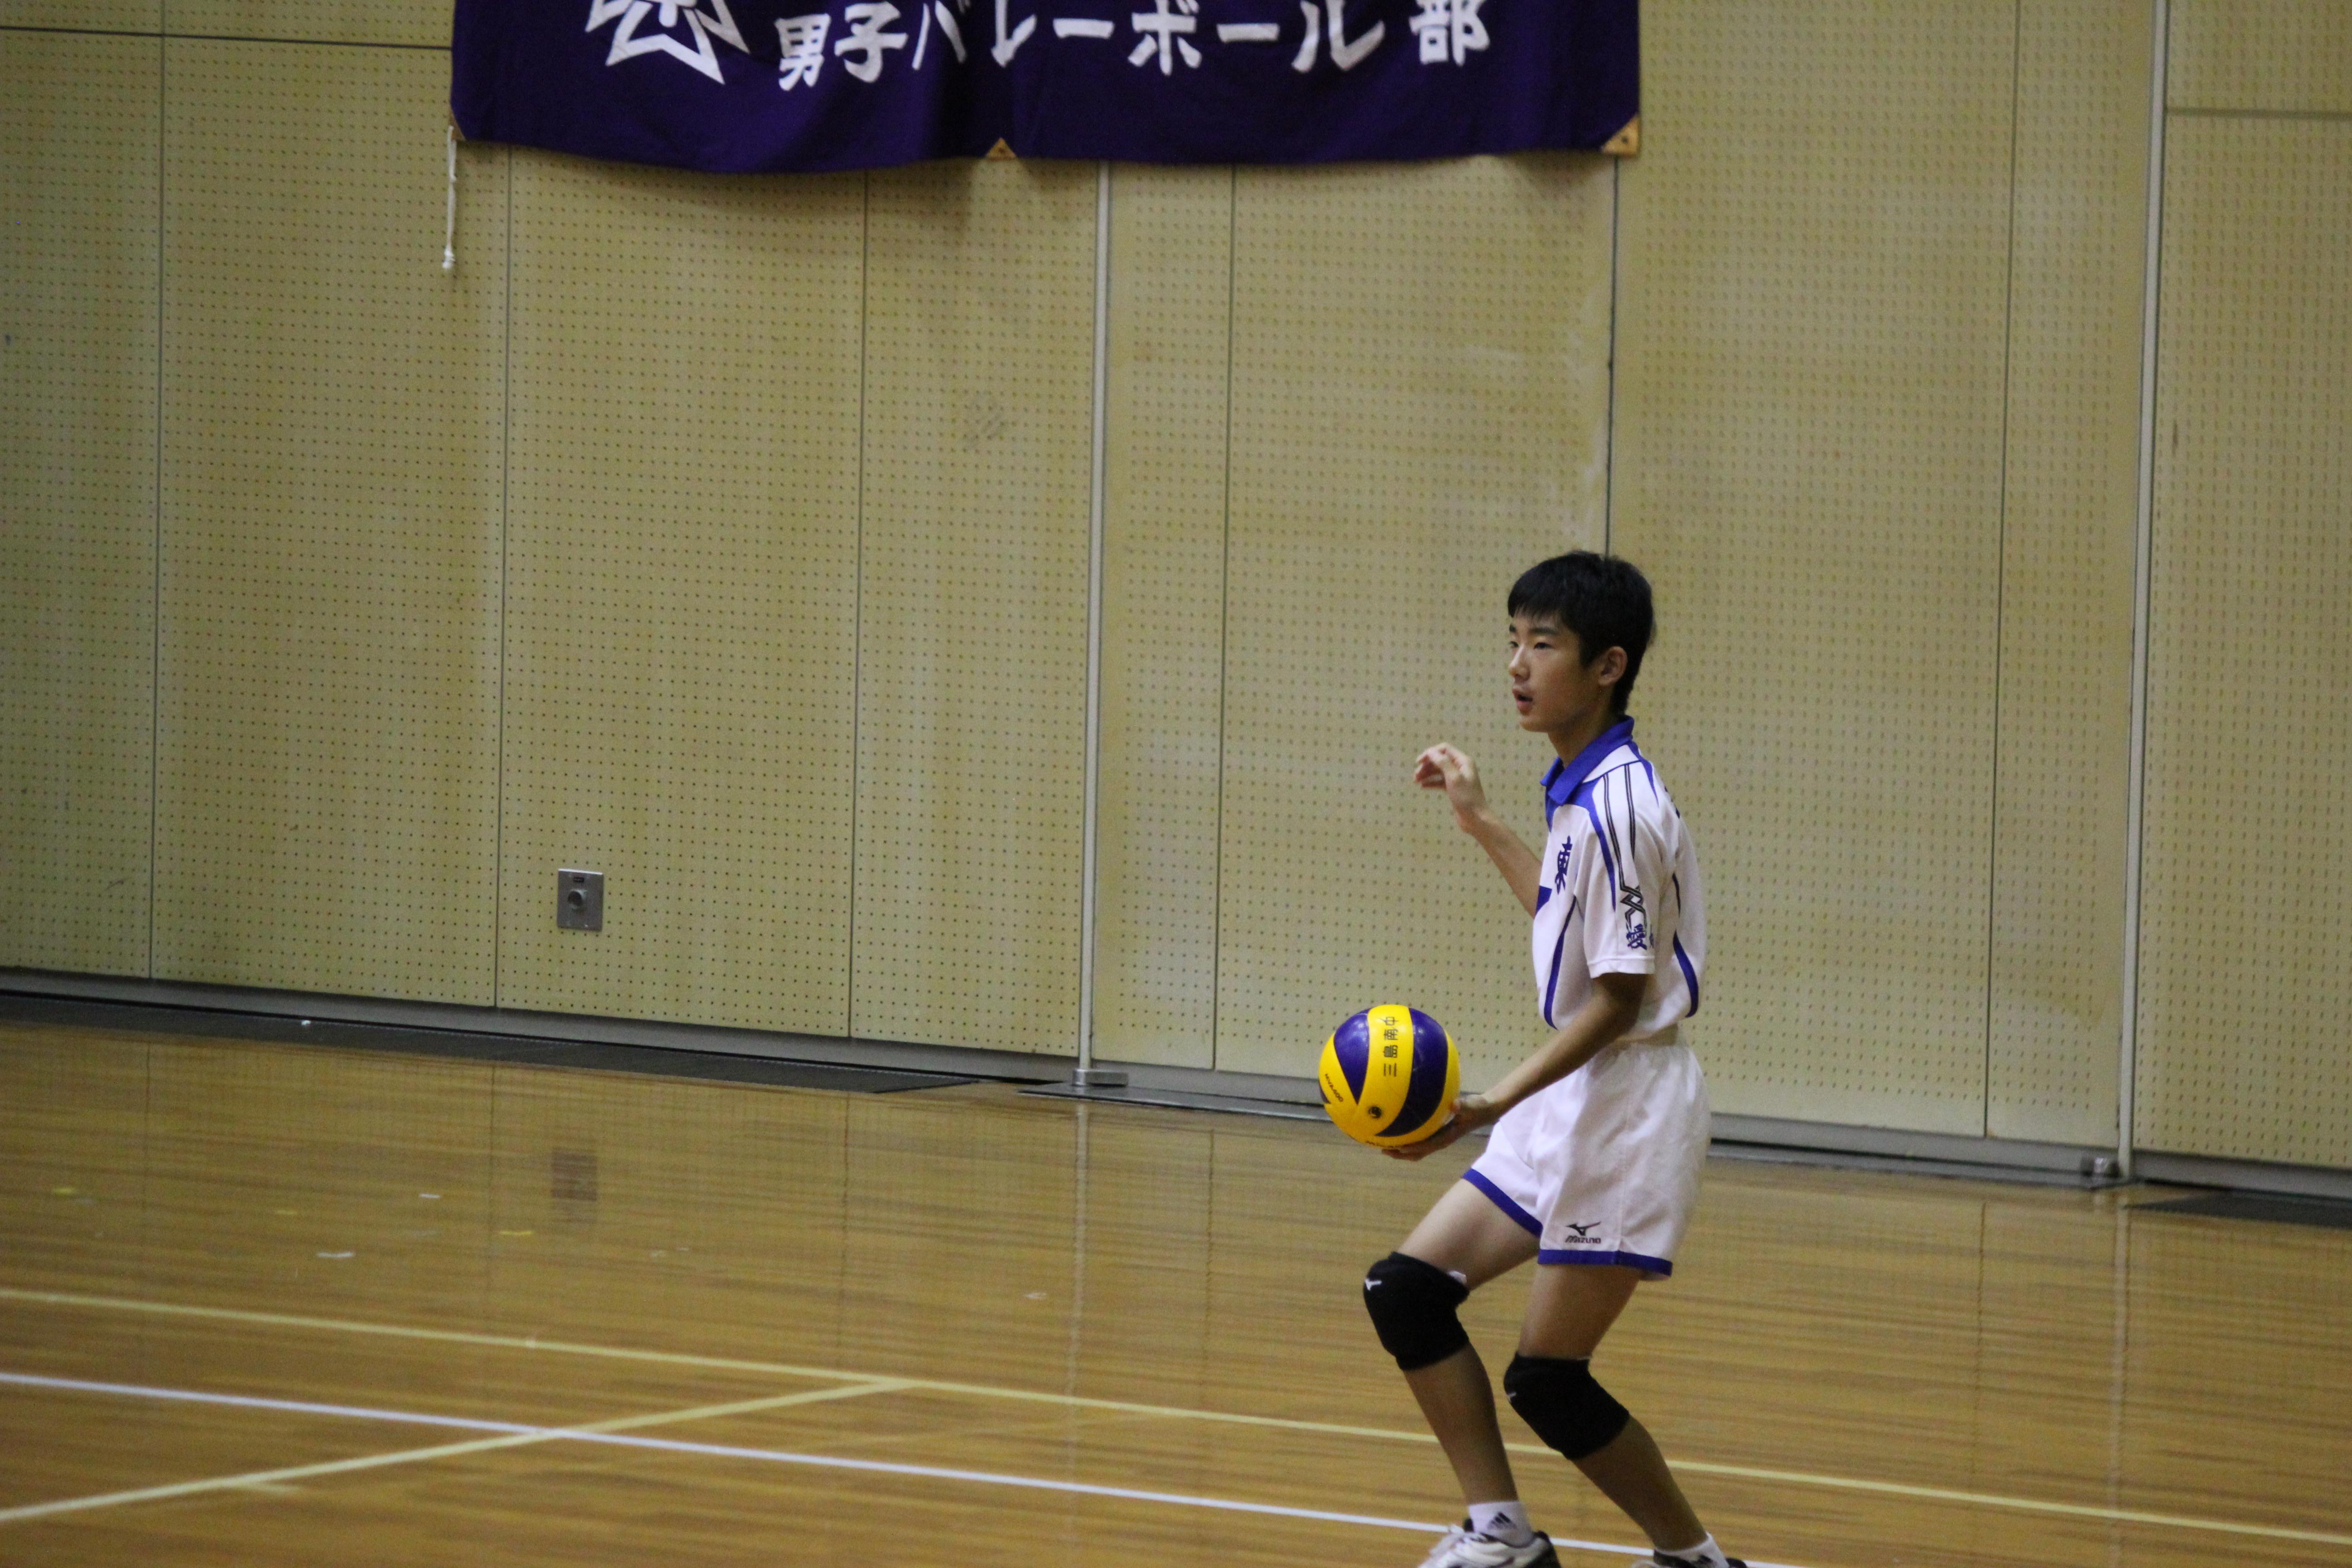 バレーボール (354)